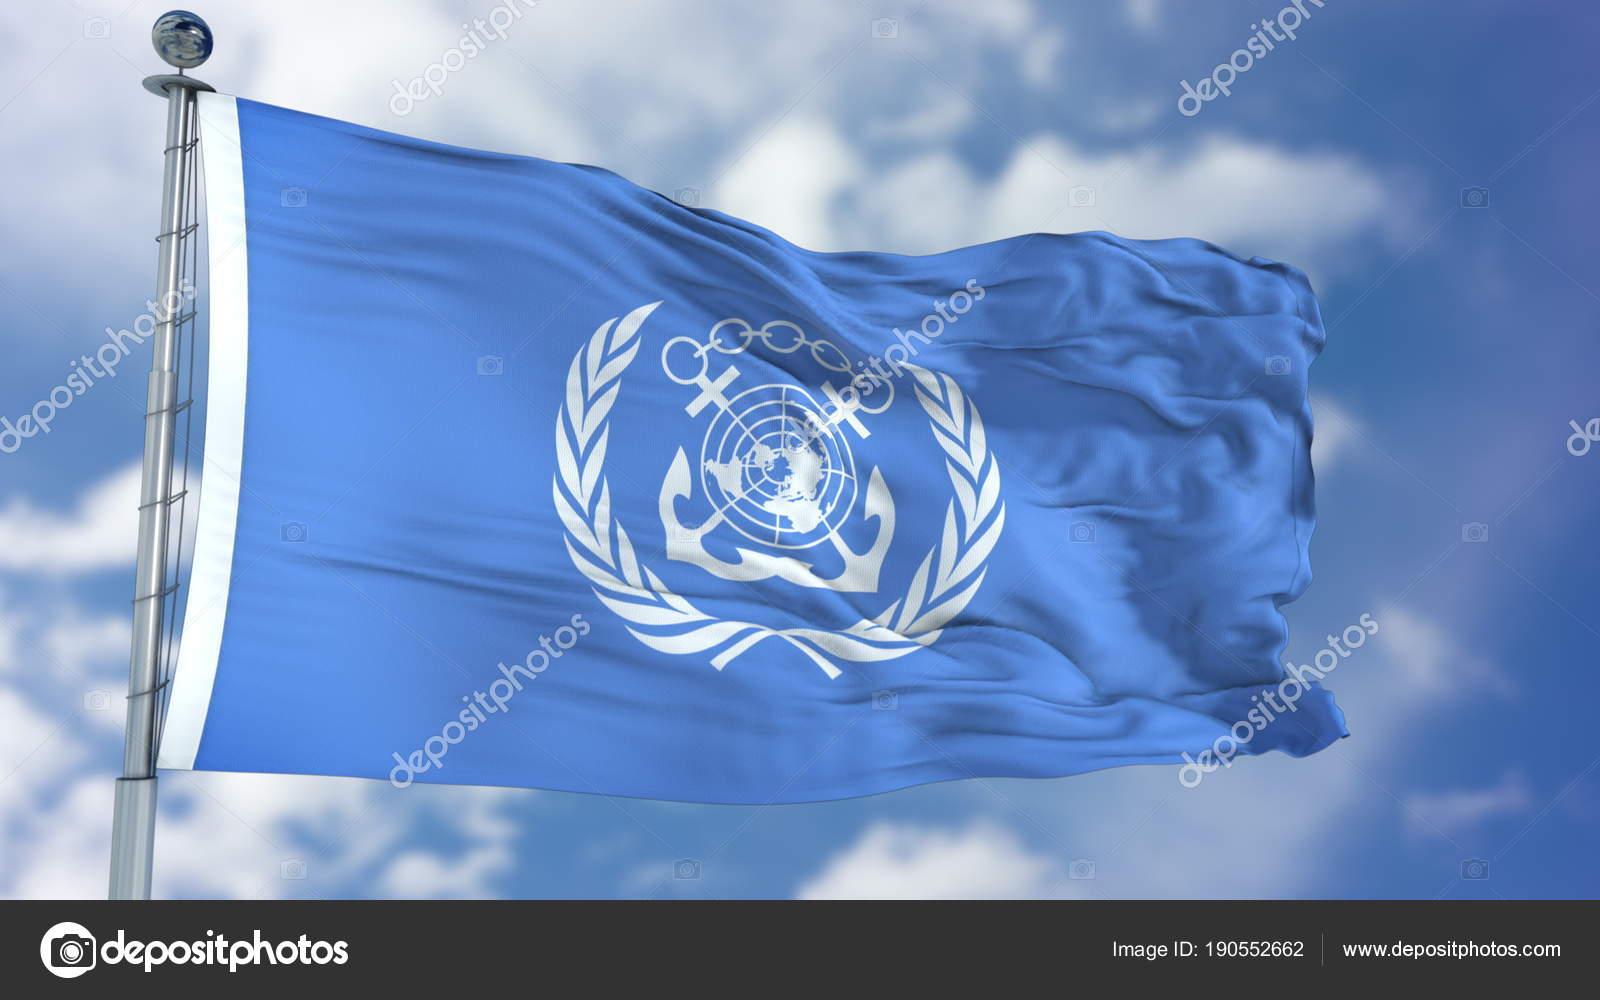 国際海事機関 Imo の旗を振って ...